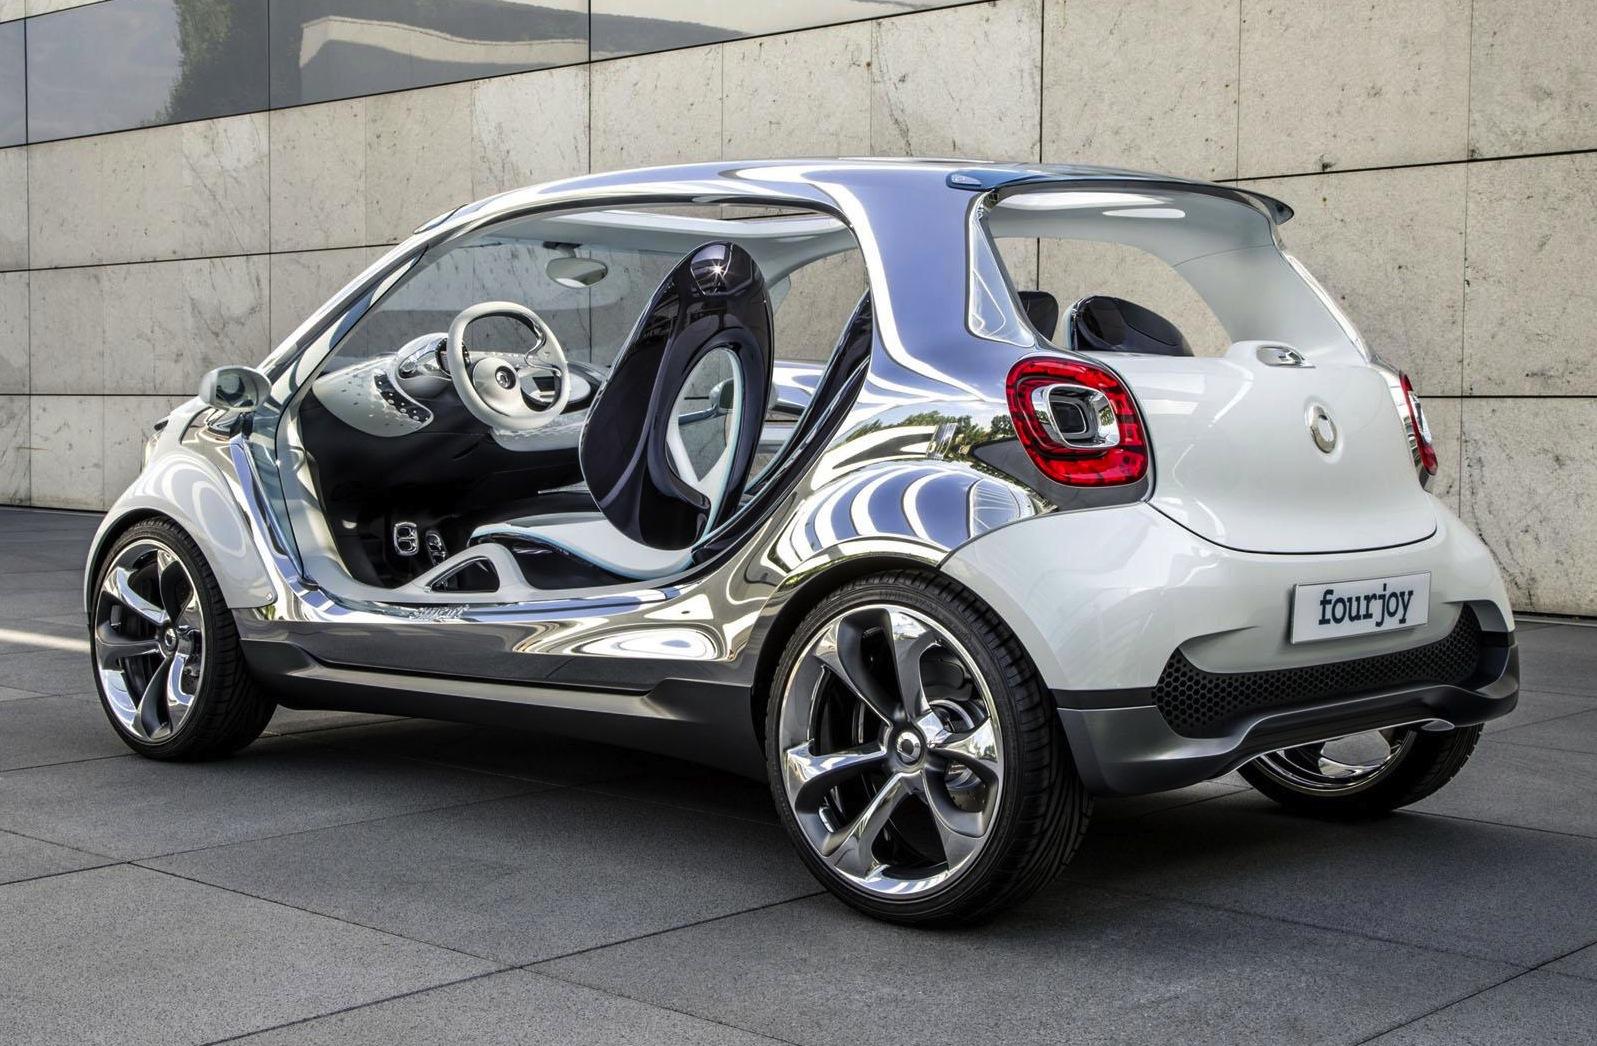 Smart FourJoy concept: doorless city buggy revealed ...